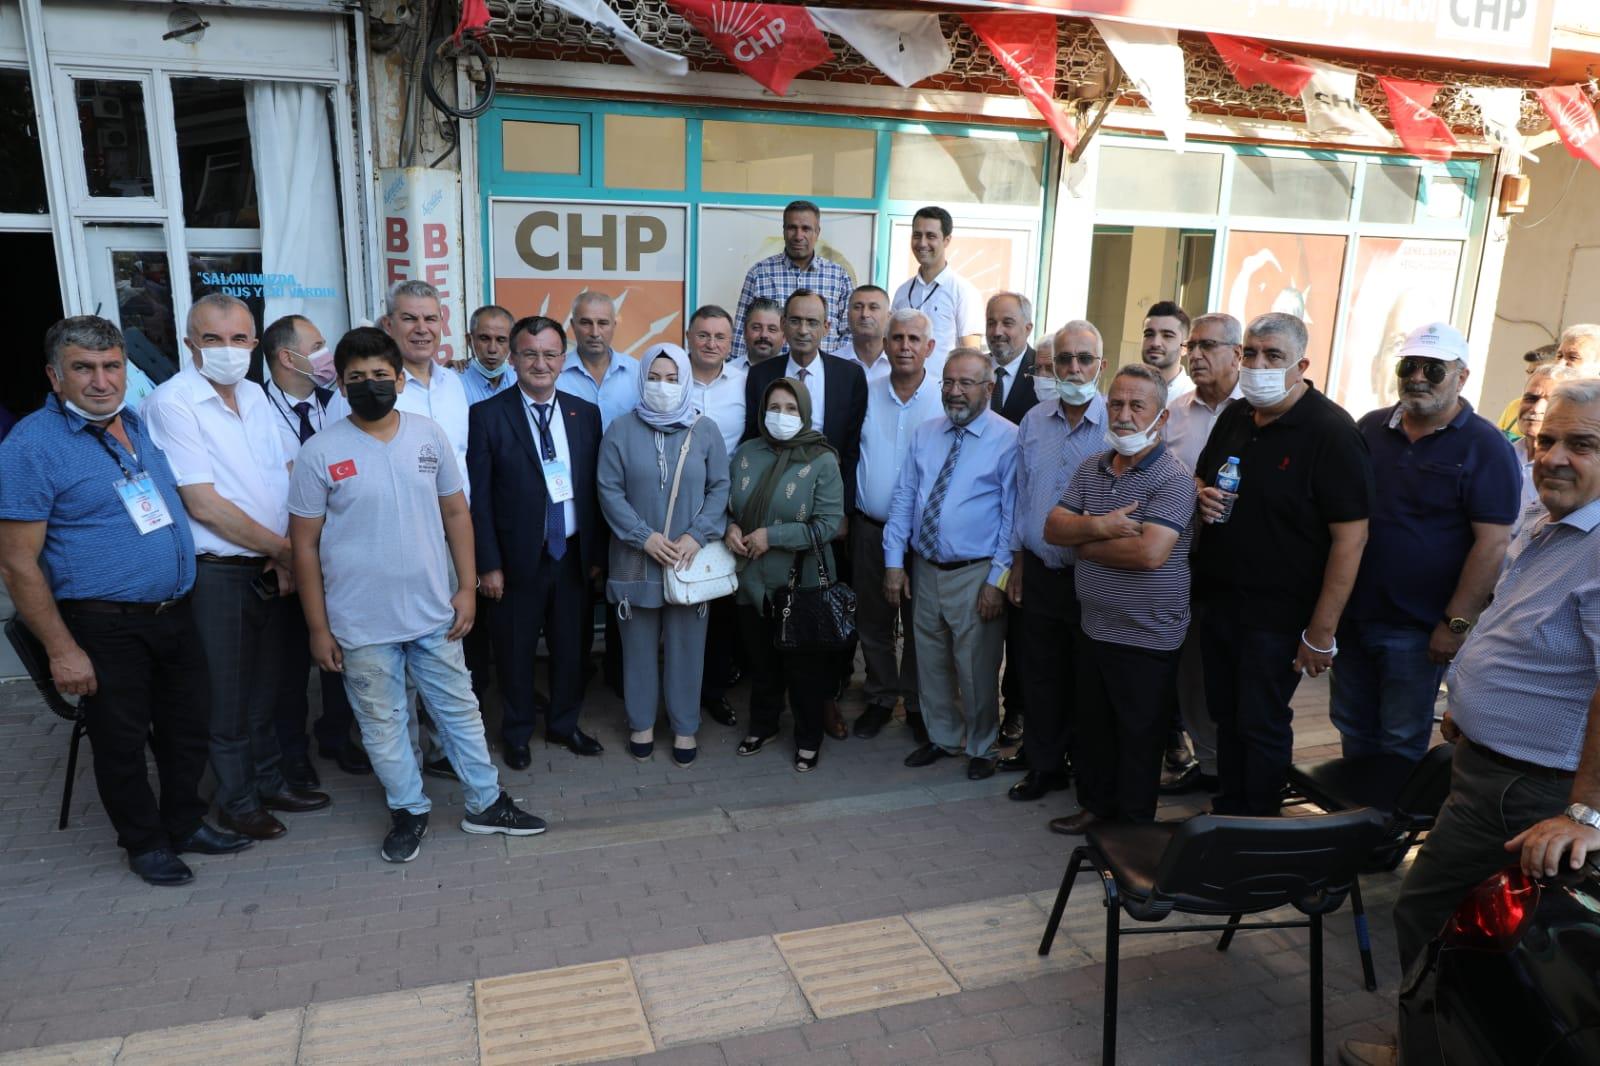 CHP'Lİ BELEDİYE BAŞKANLARI GAZİANTEP'TE BULUŞTU